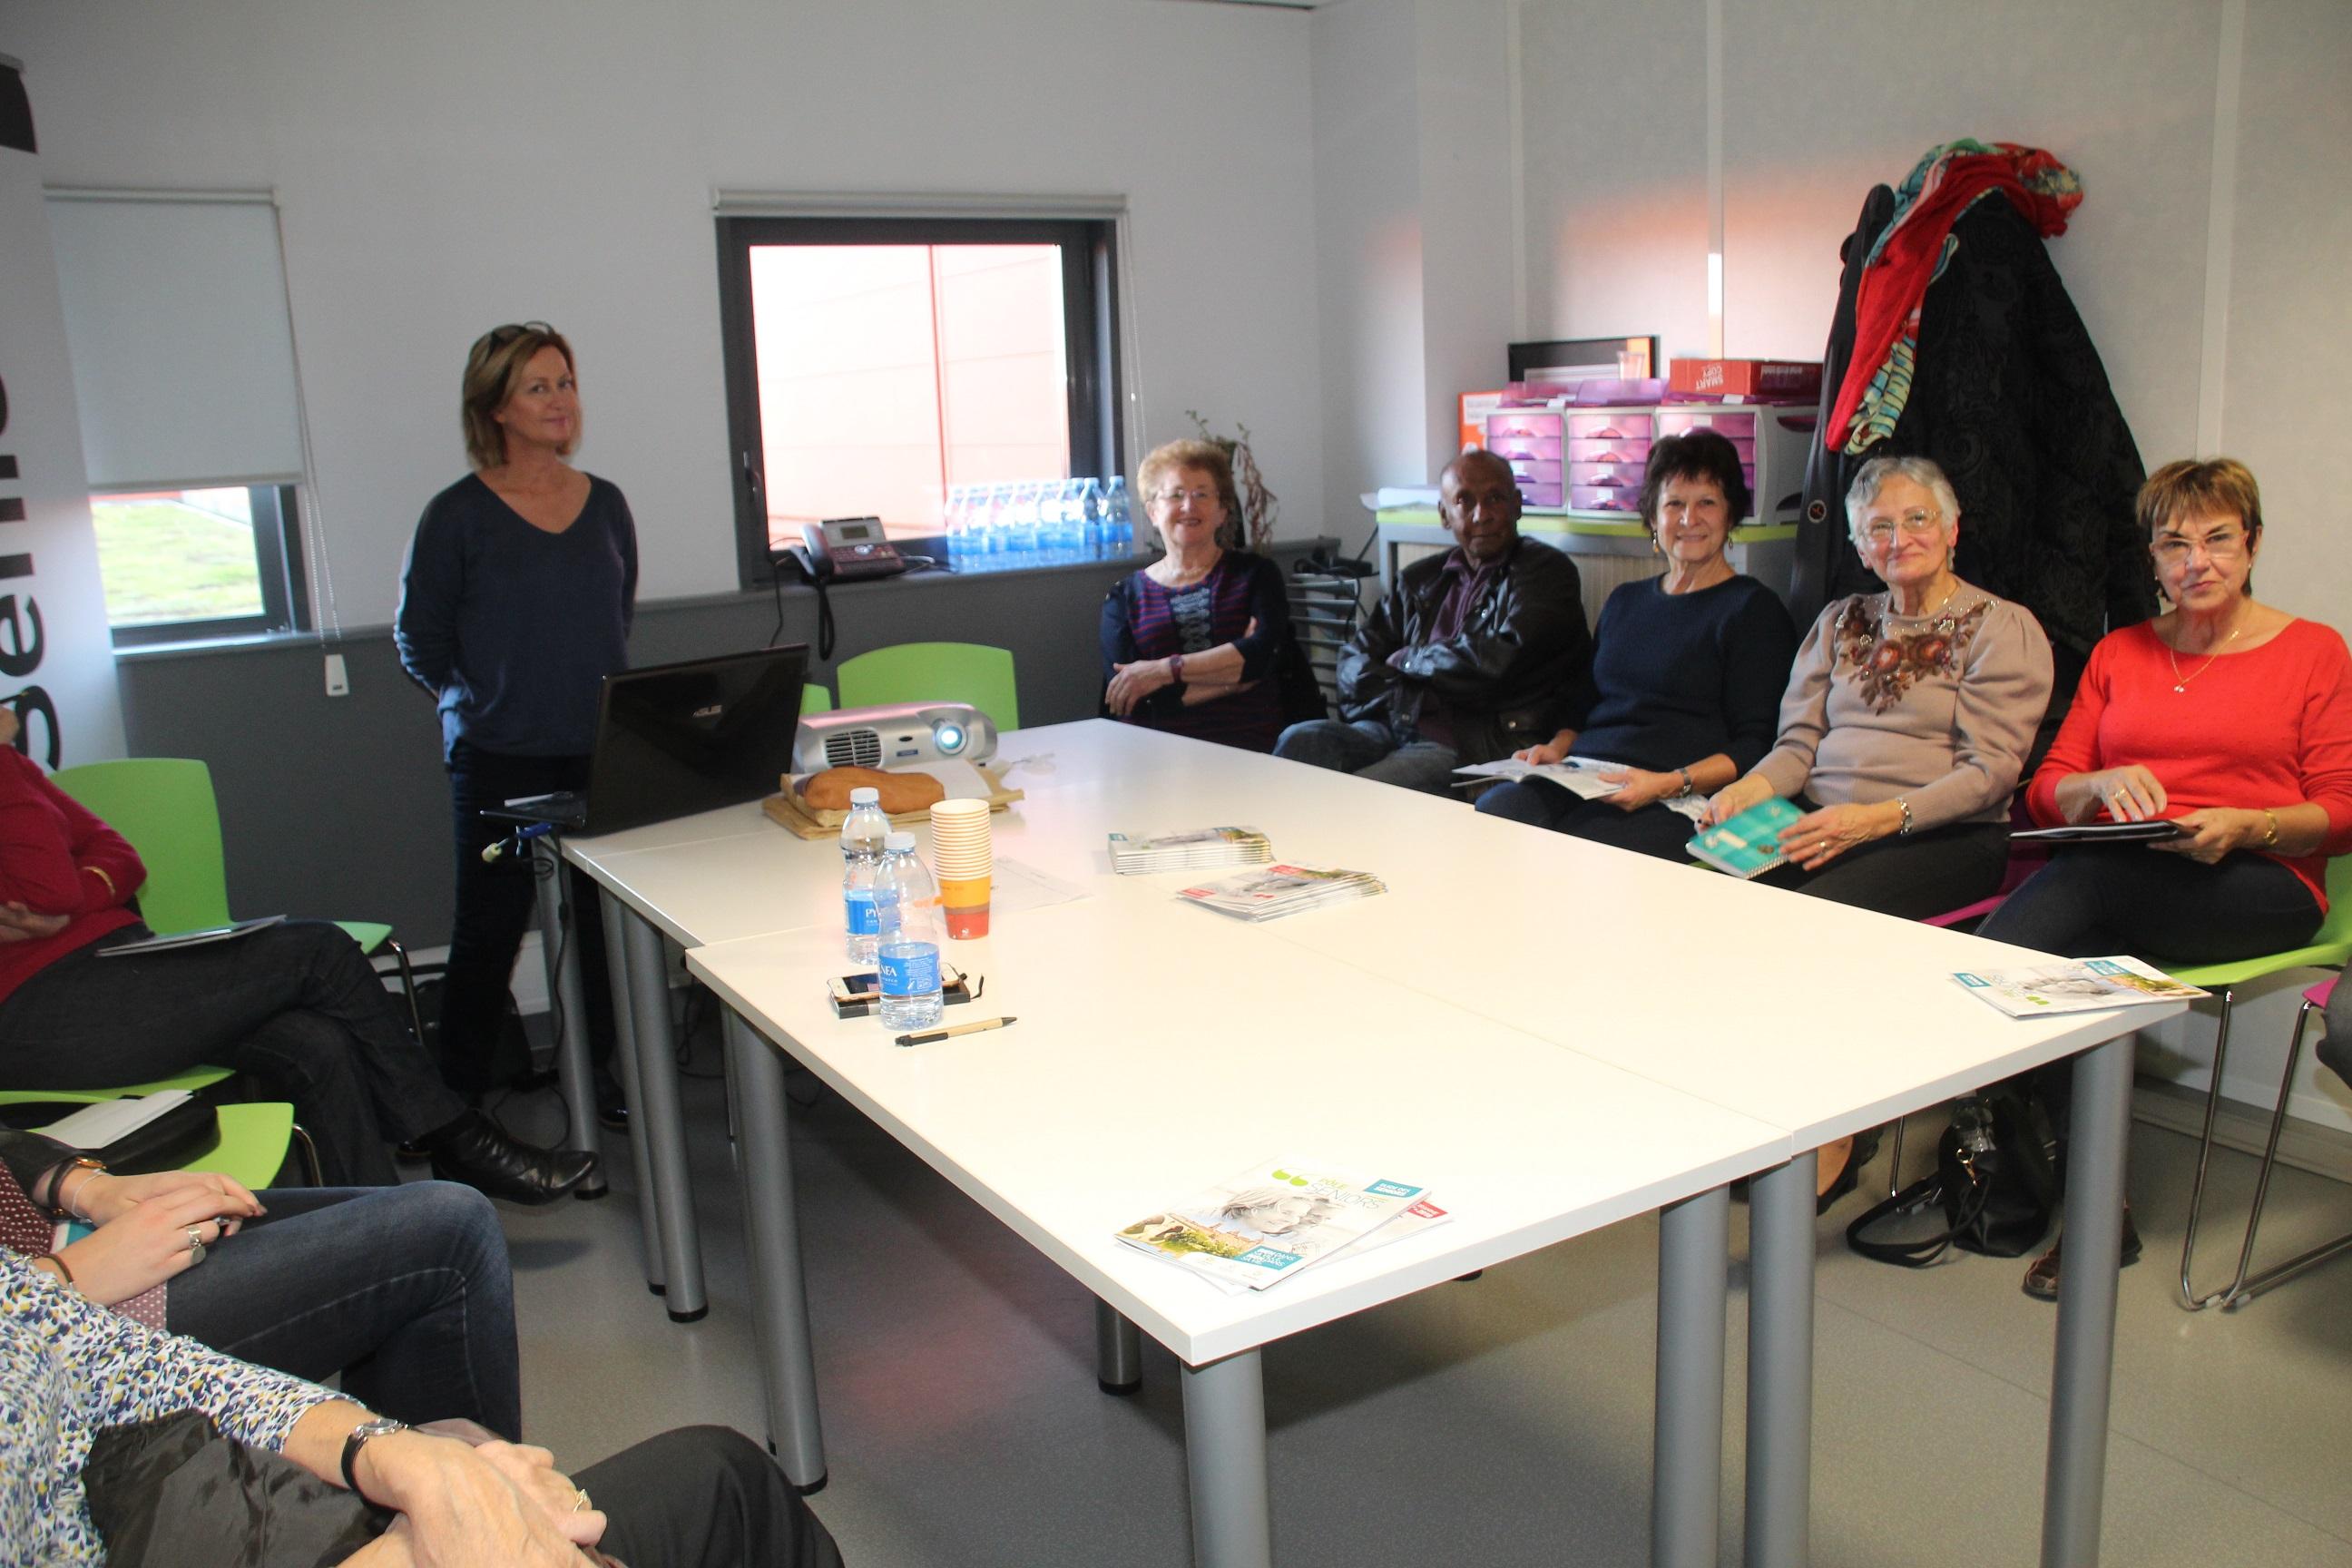 Sabrina Sénat du Pôle Seniors situé sur le quartier Médiathèque-Chambord nous parle des derniers ateliers proposé par le CLIC